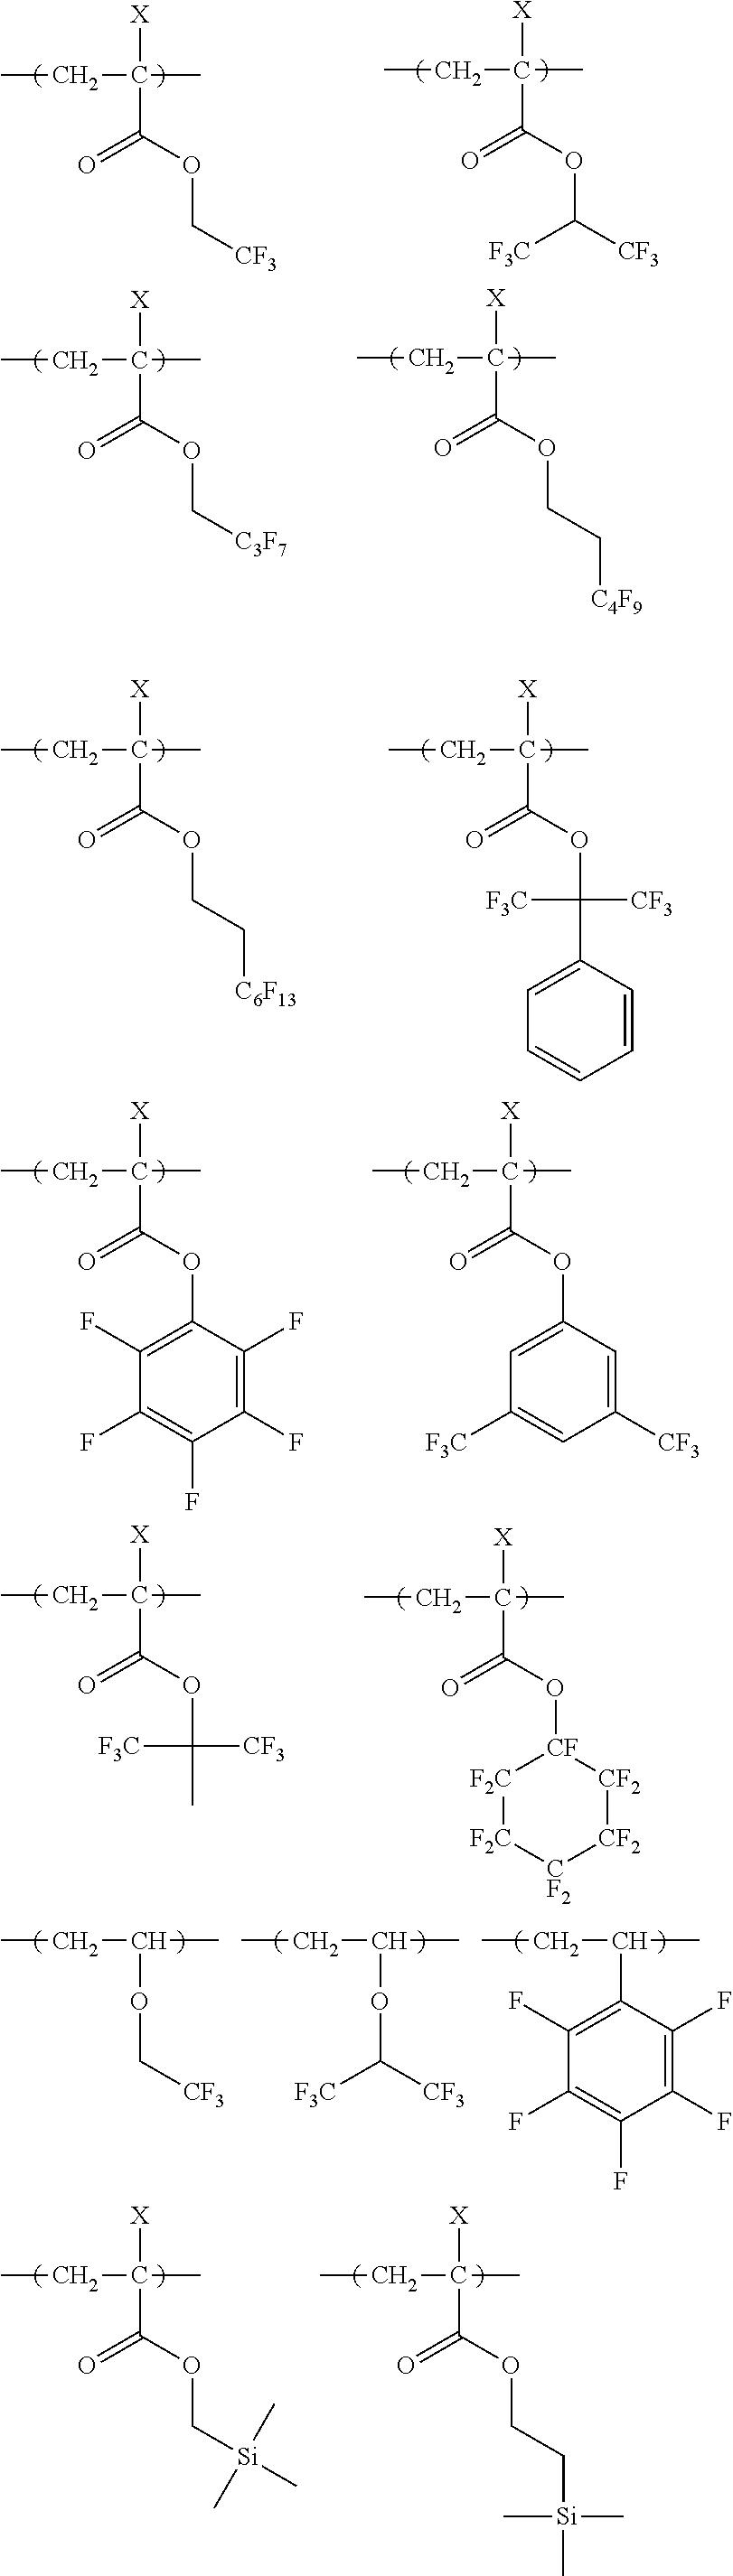 Figure US08476001-20130702-C00066